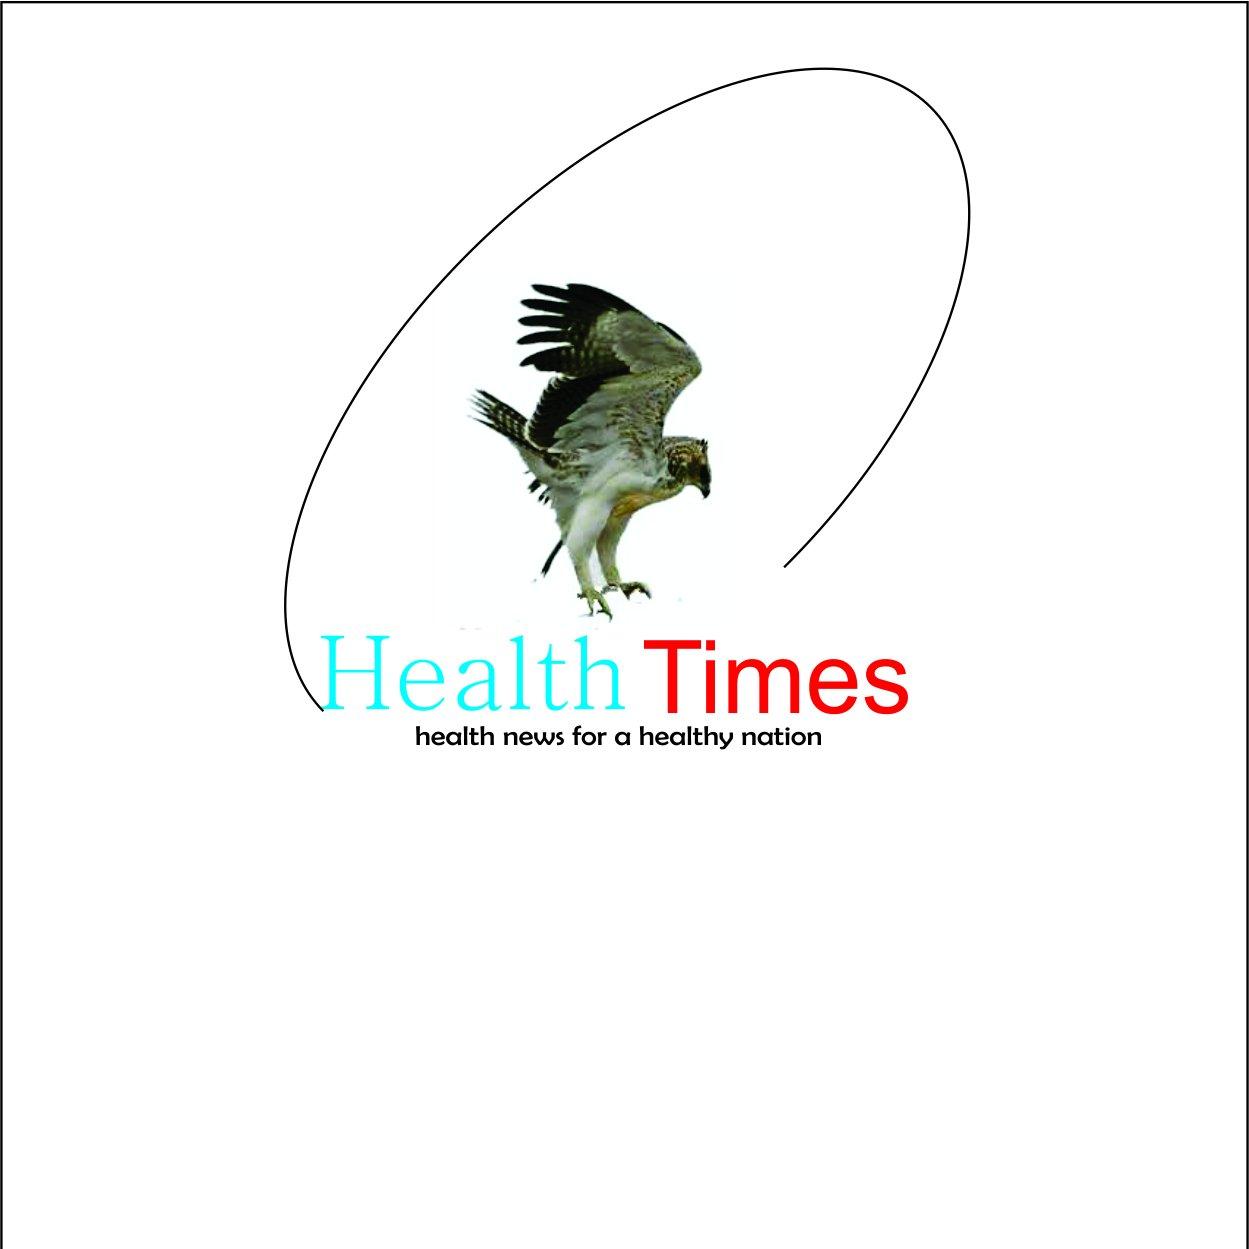 @healthtimeszim